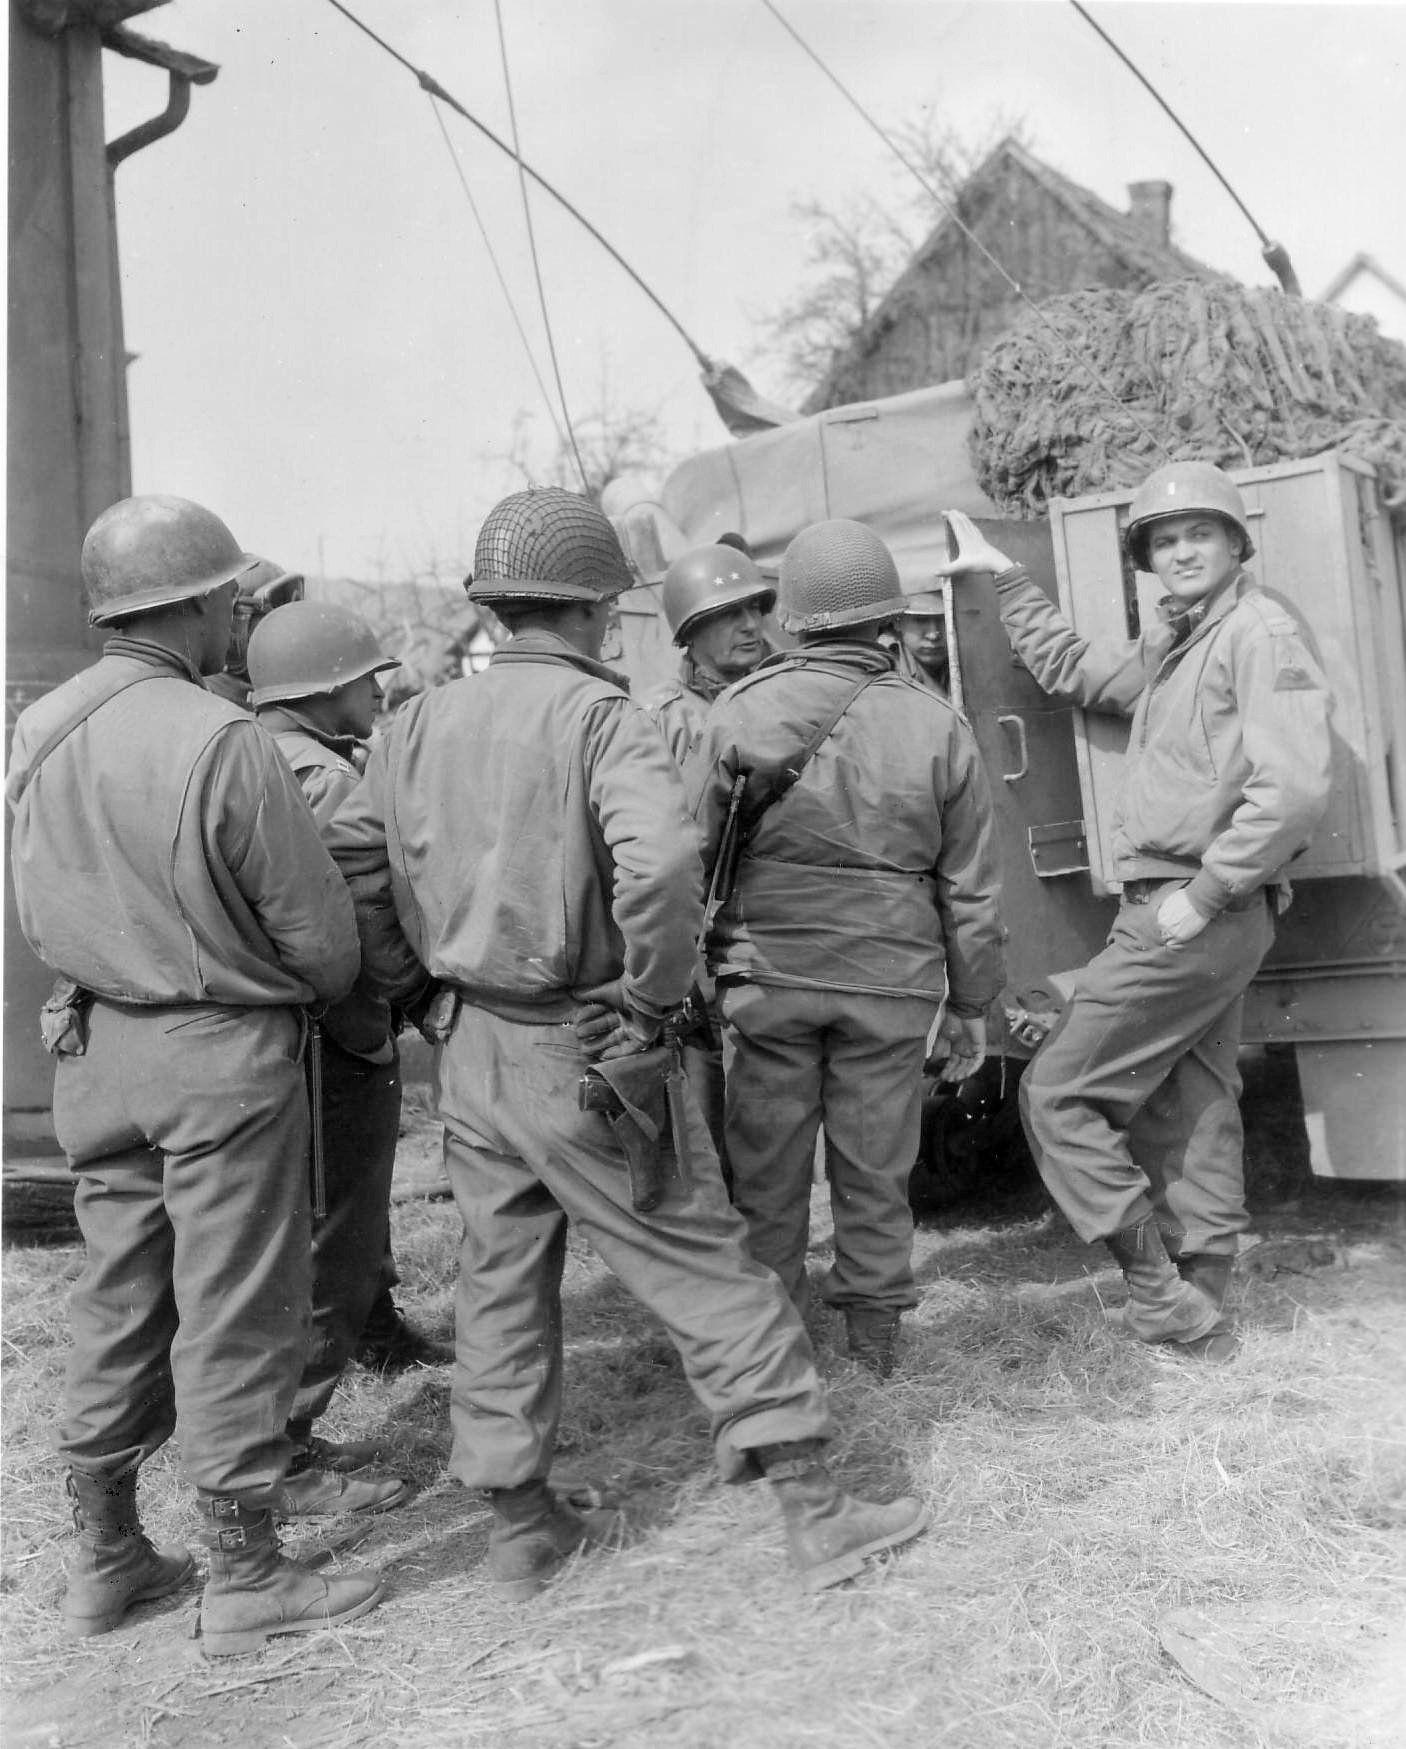 Battlefields Photo Gunsmoke, James arness, World war